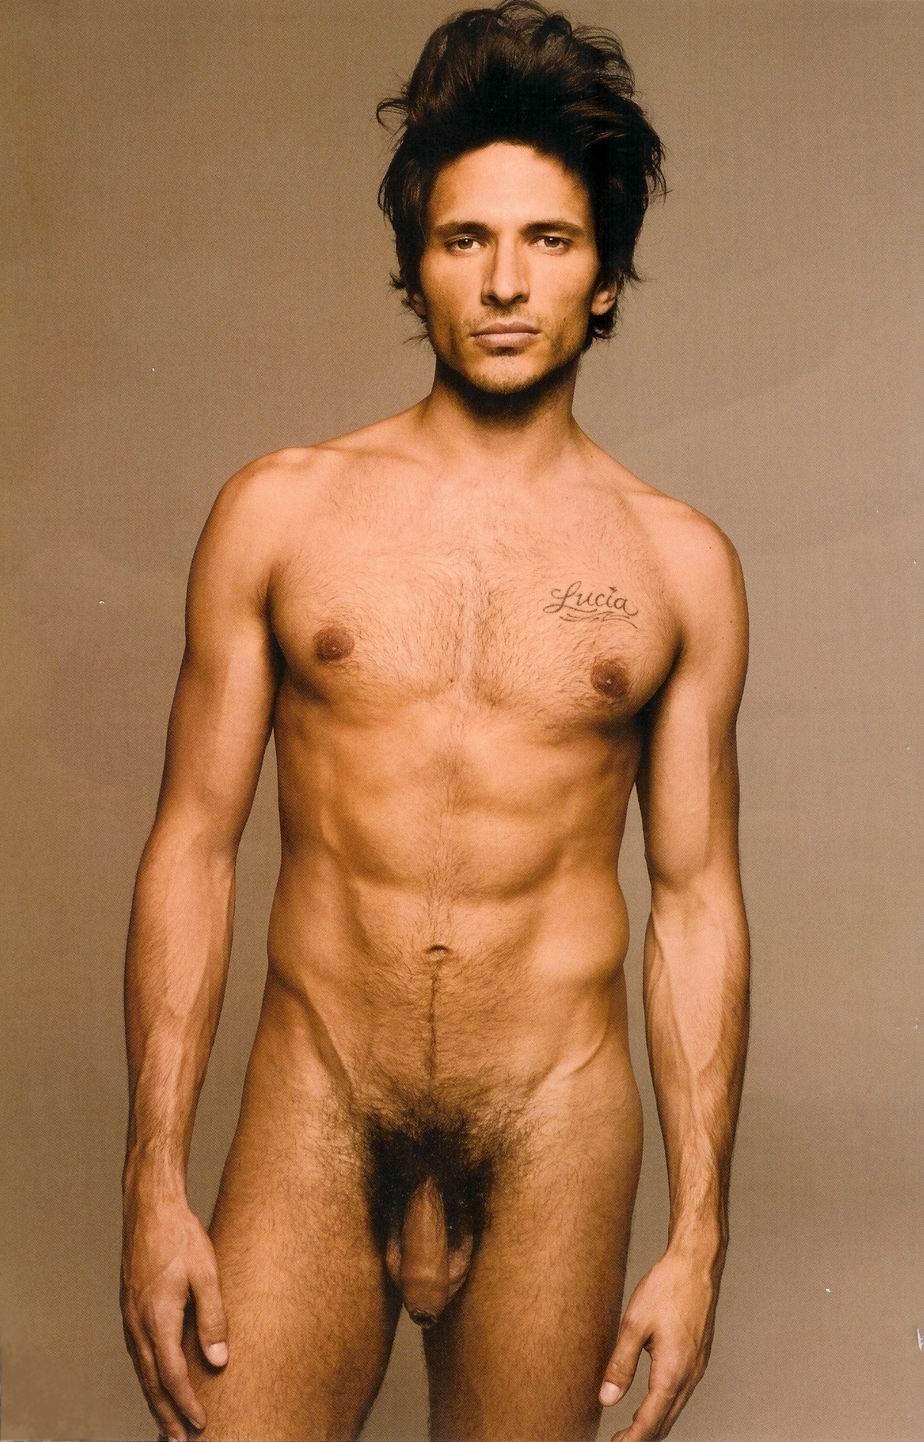 фото голыхзнаменитых актеров мужчин порно фото